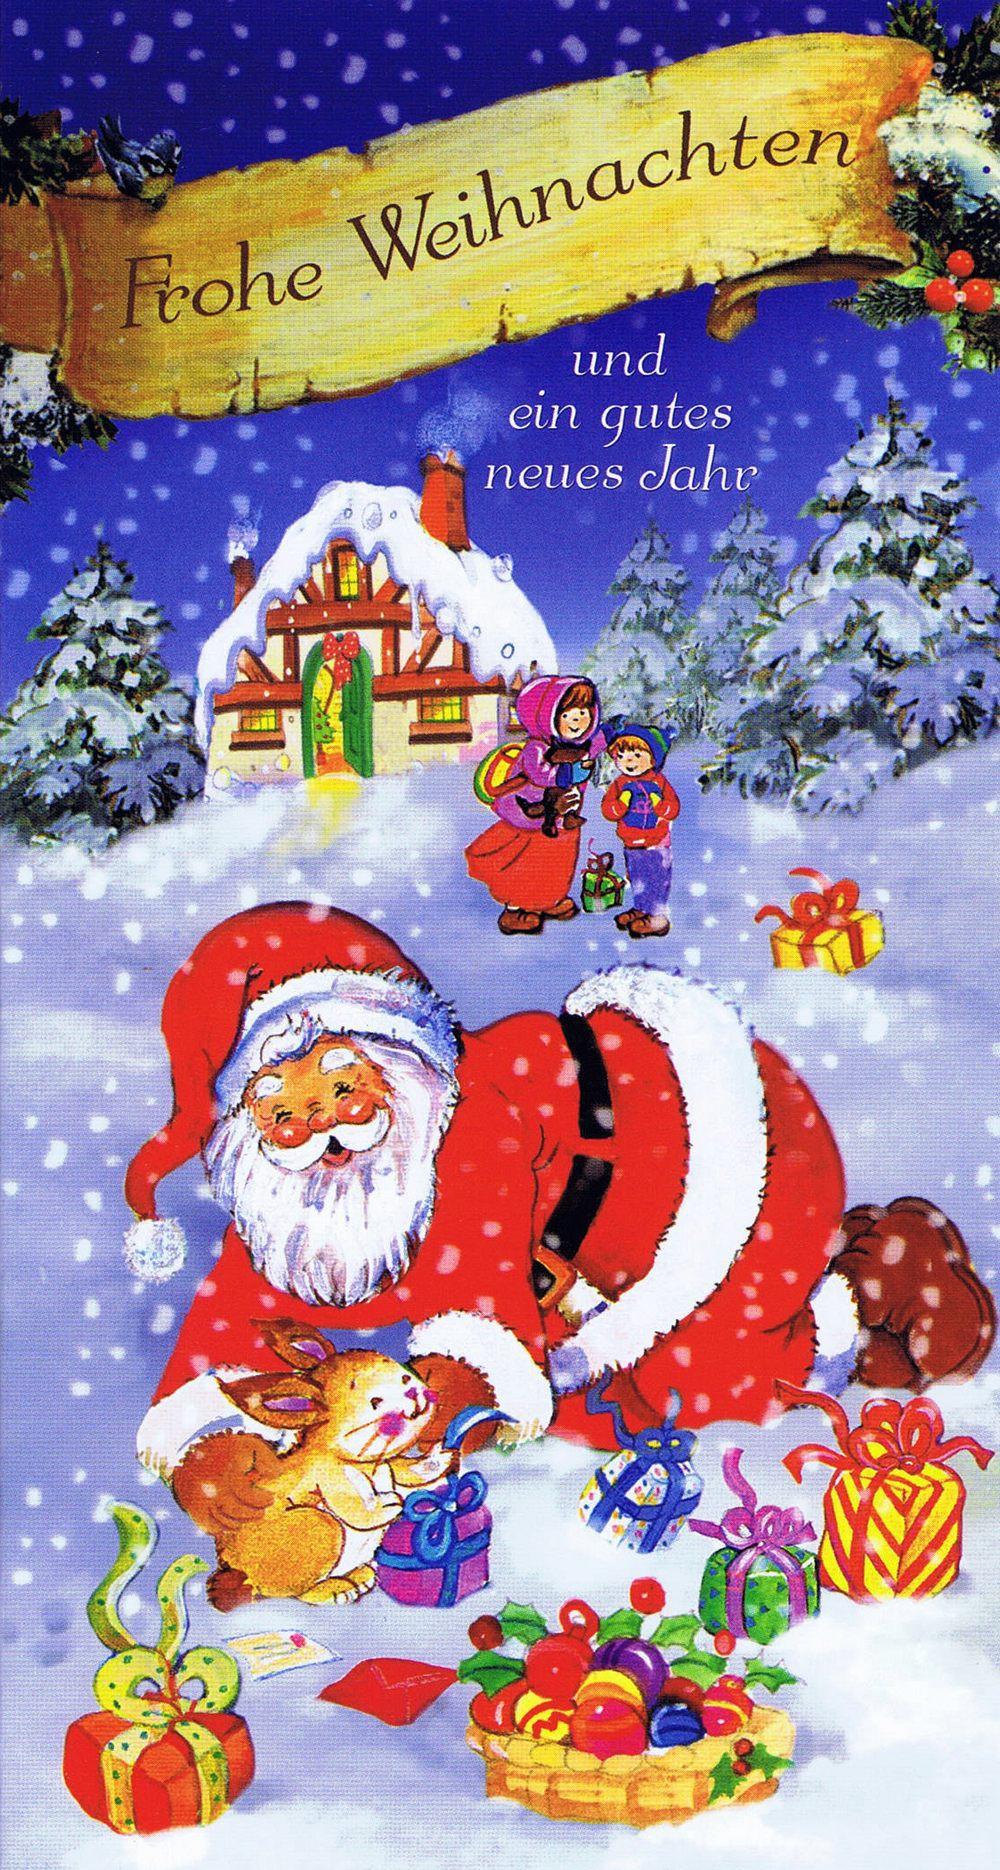 Weihnachtskarte 5 - Weihnachtsmann Und Glückliche Kinder mit Weihnachtskarte Für Kinder